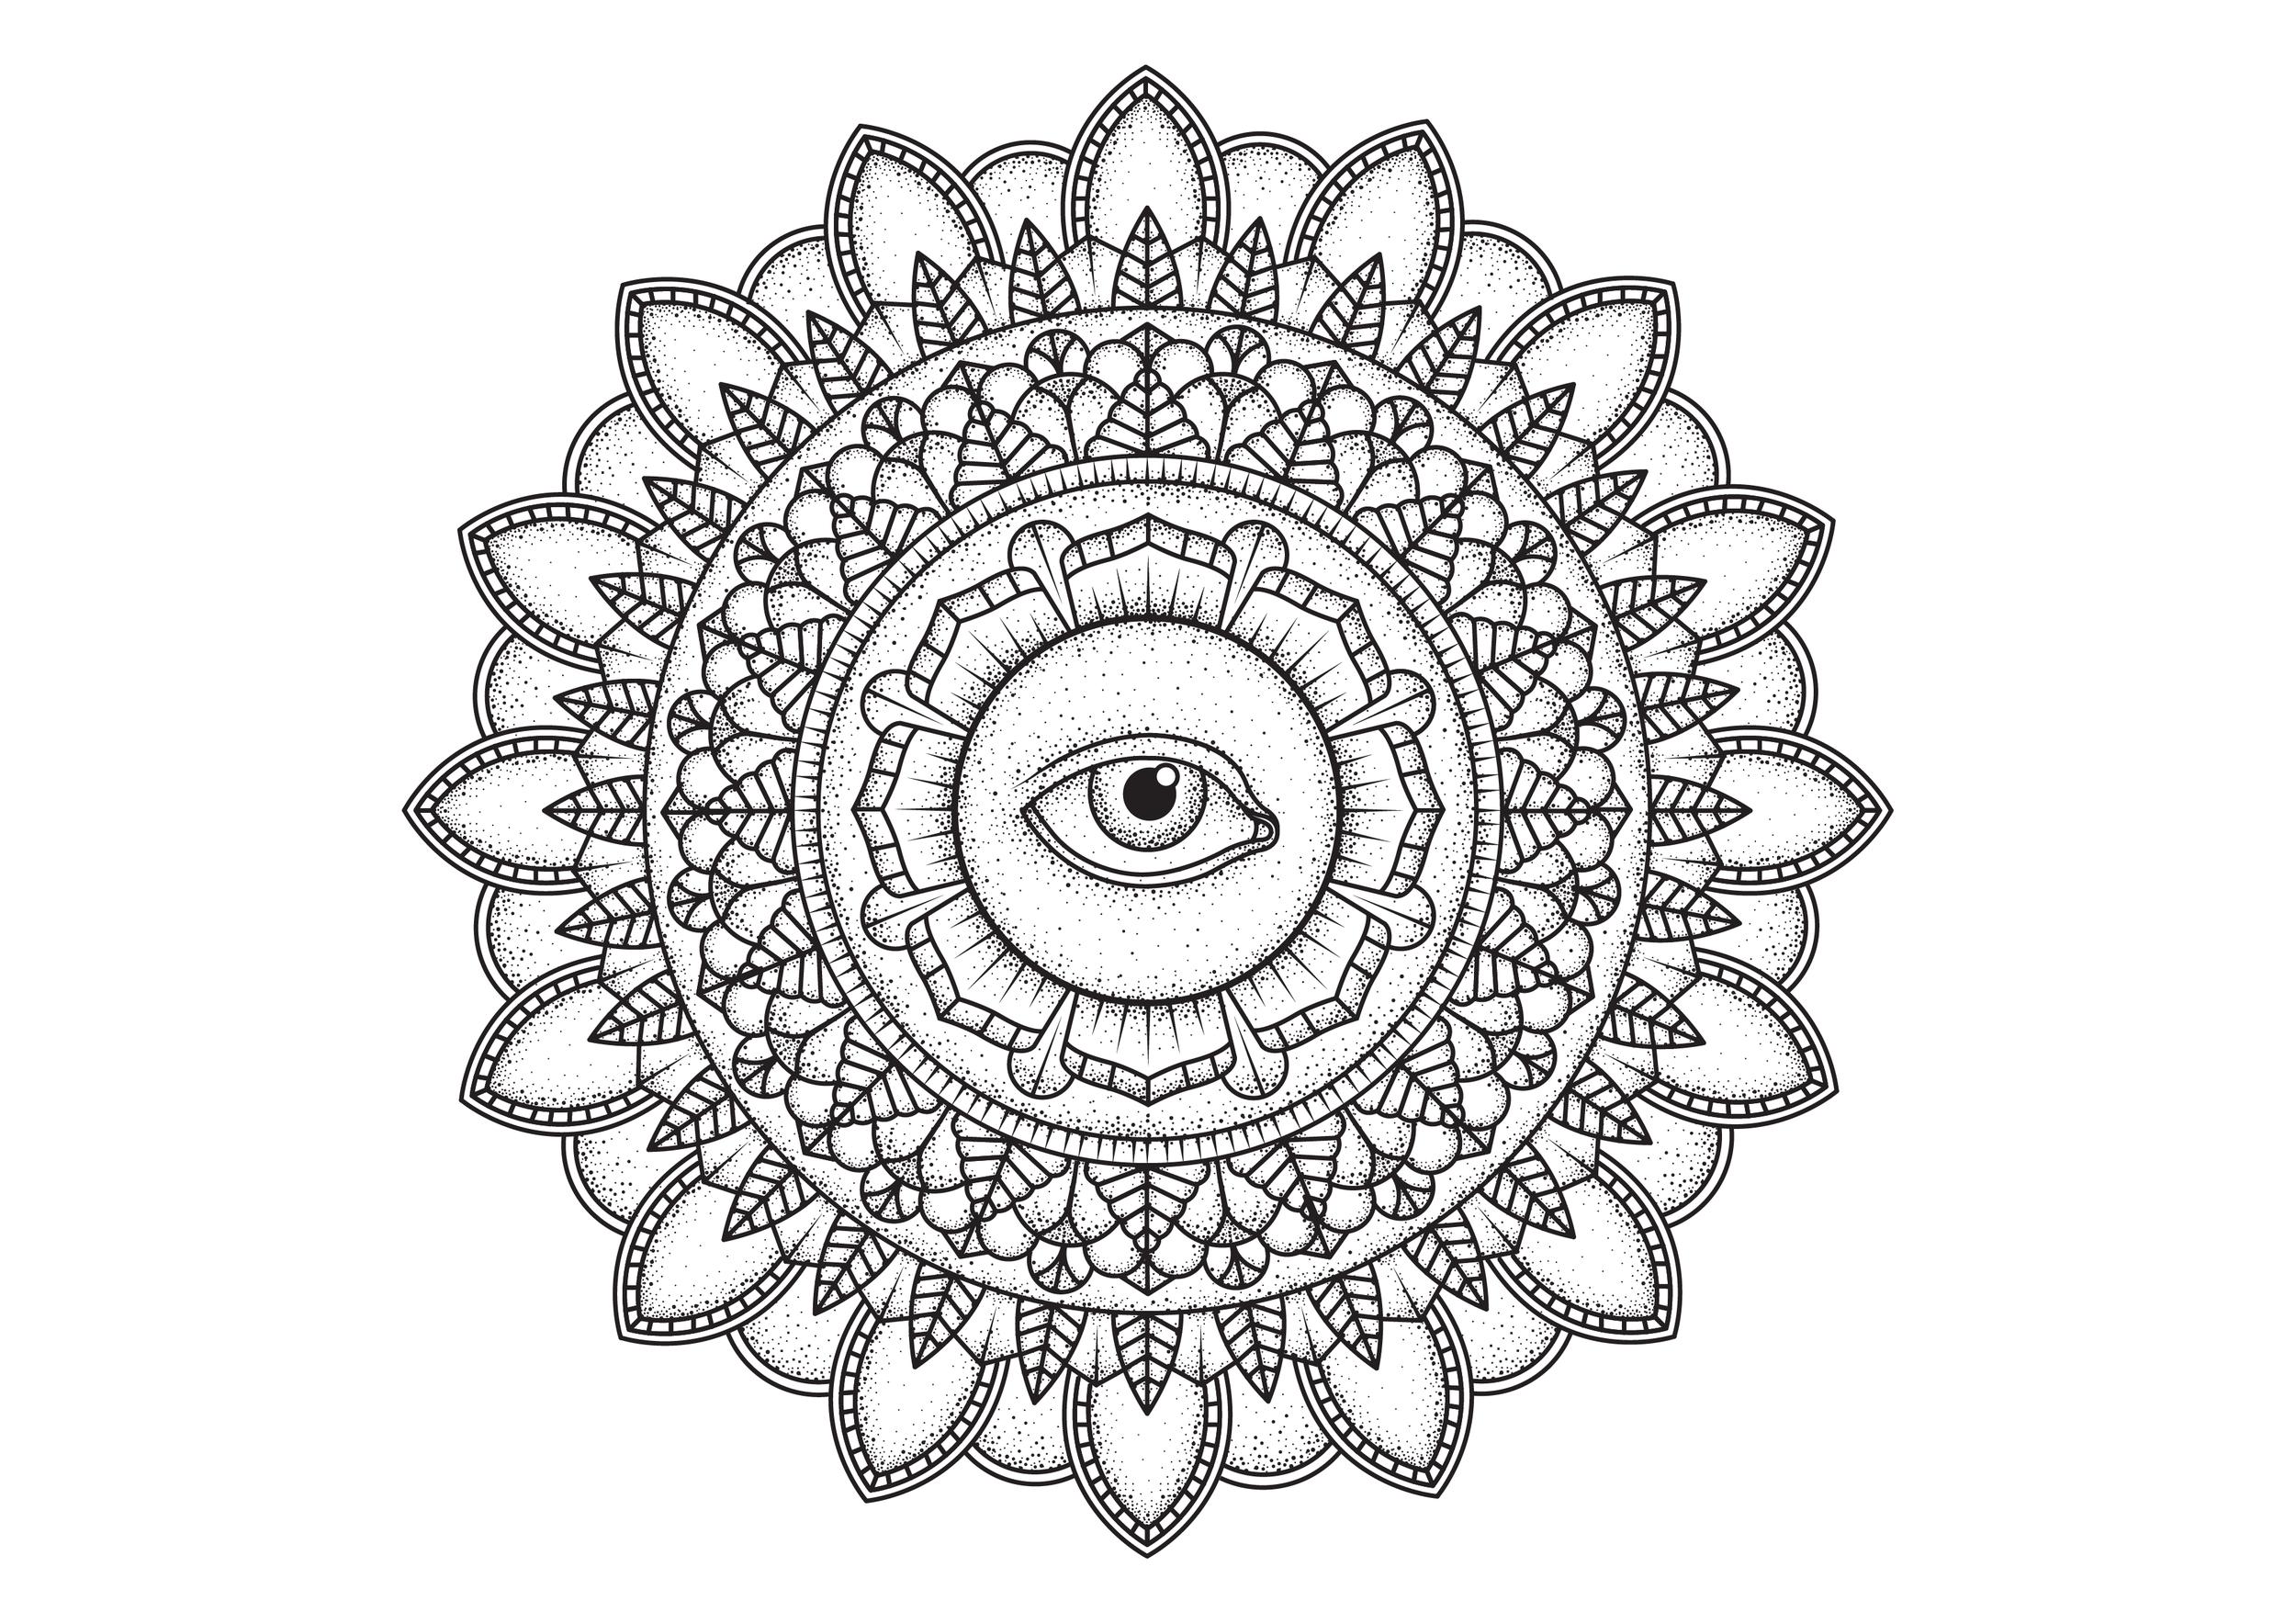 Mandala a4_1-01.png